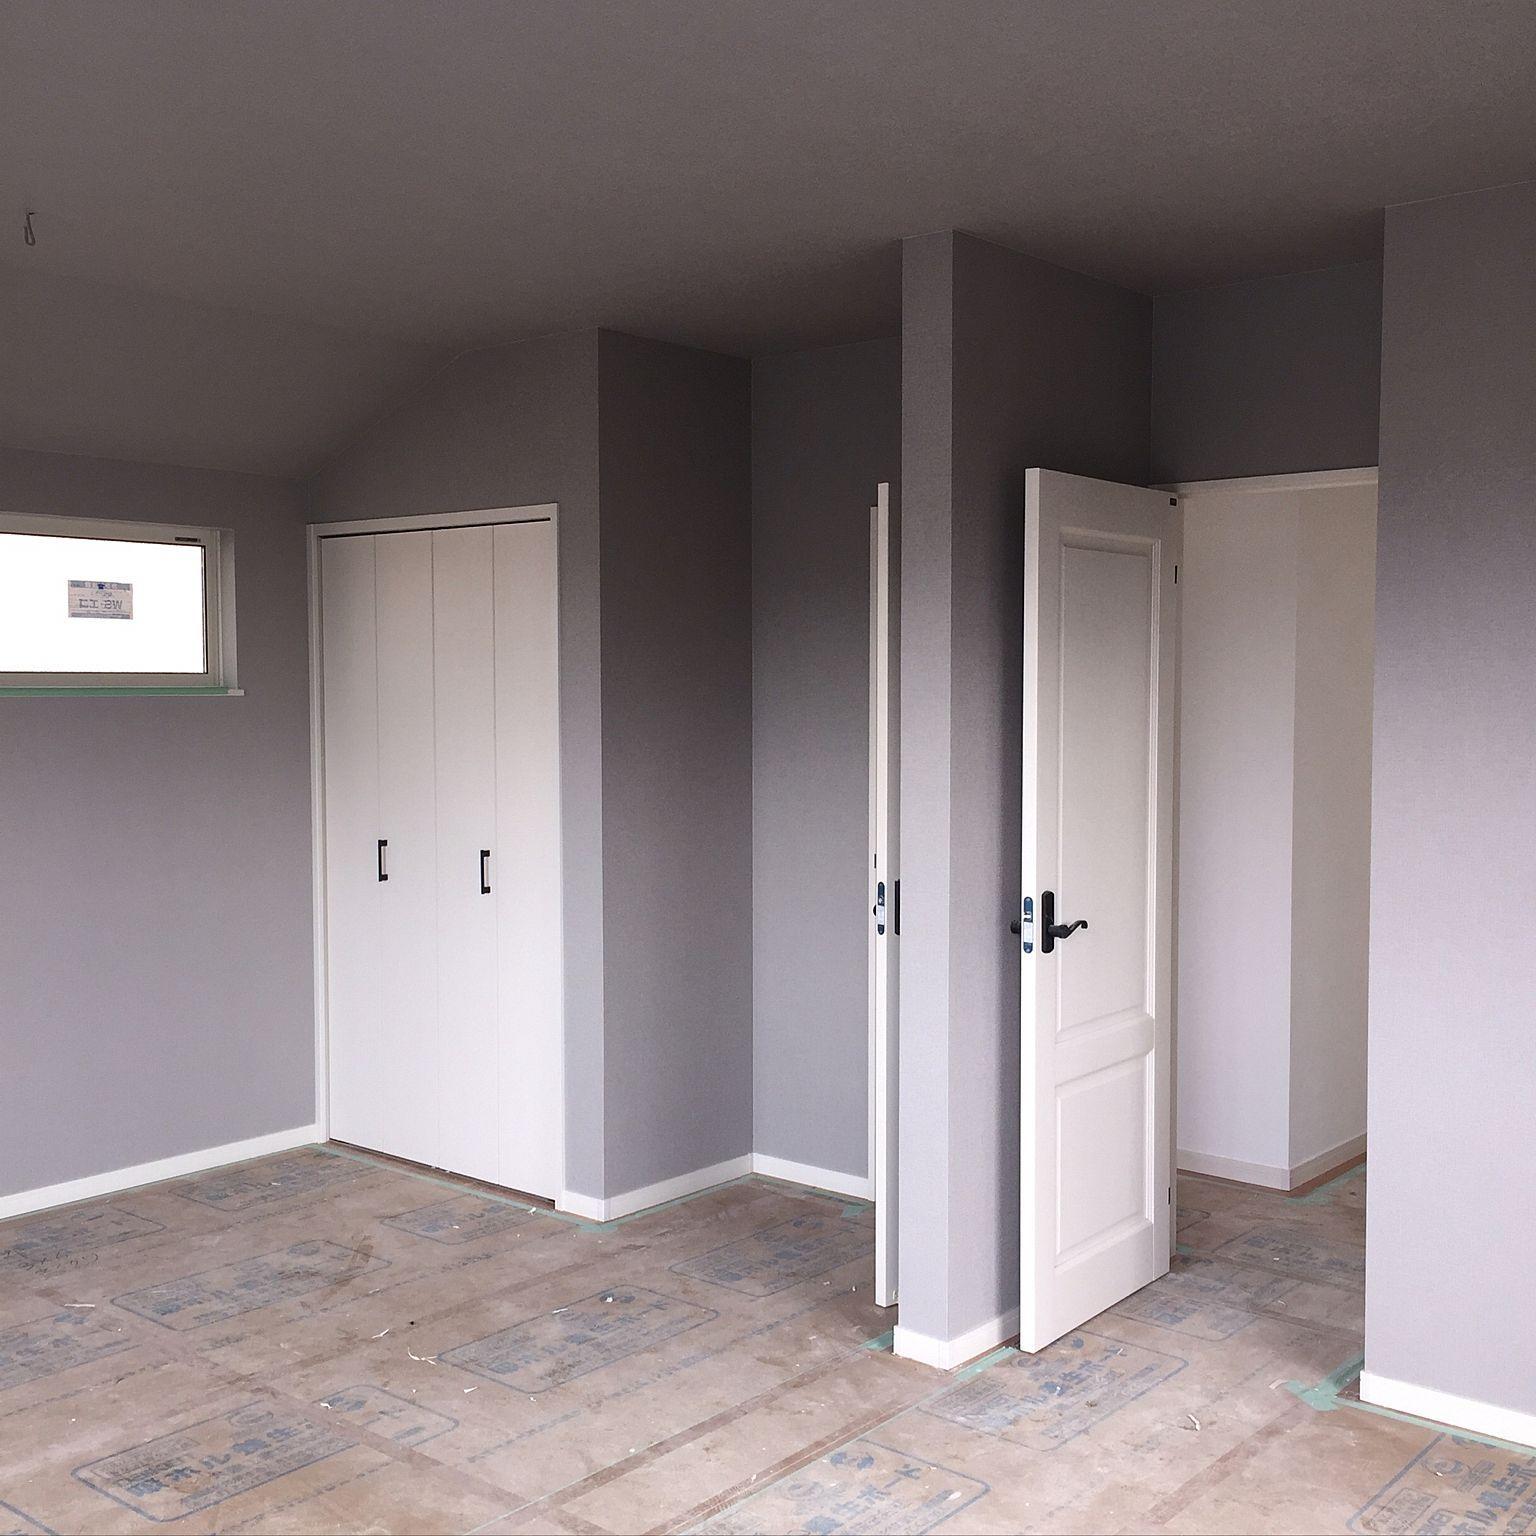 ベッド周り 白いドア グレーの壁 建設中 建売住宅 などのインテリア